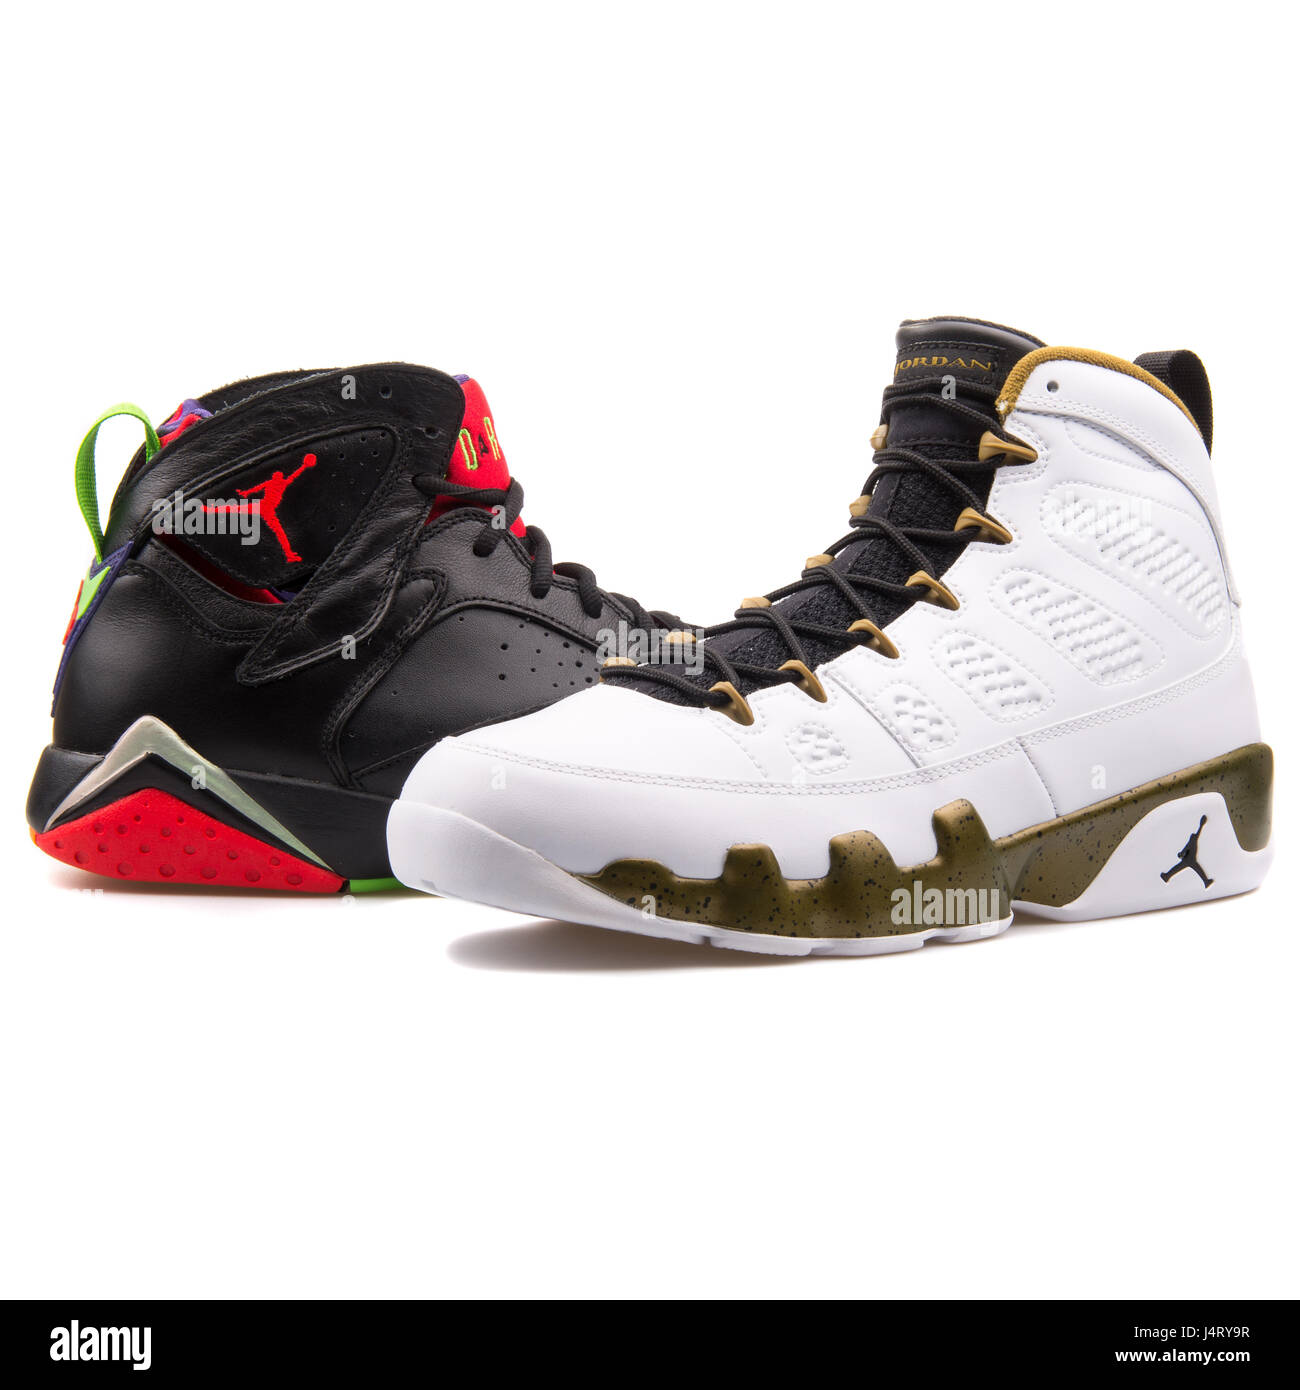 Air Nike Sur Jordan Basket Ball Blanc Chaussures De Fond Pile mwv80yONn